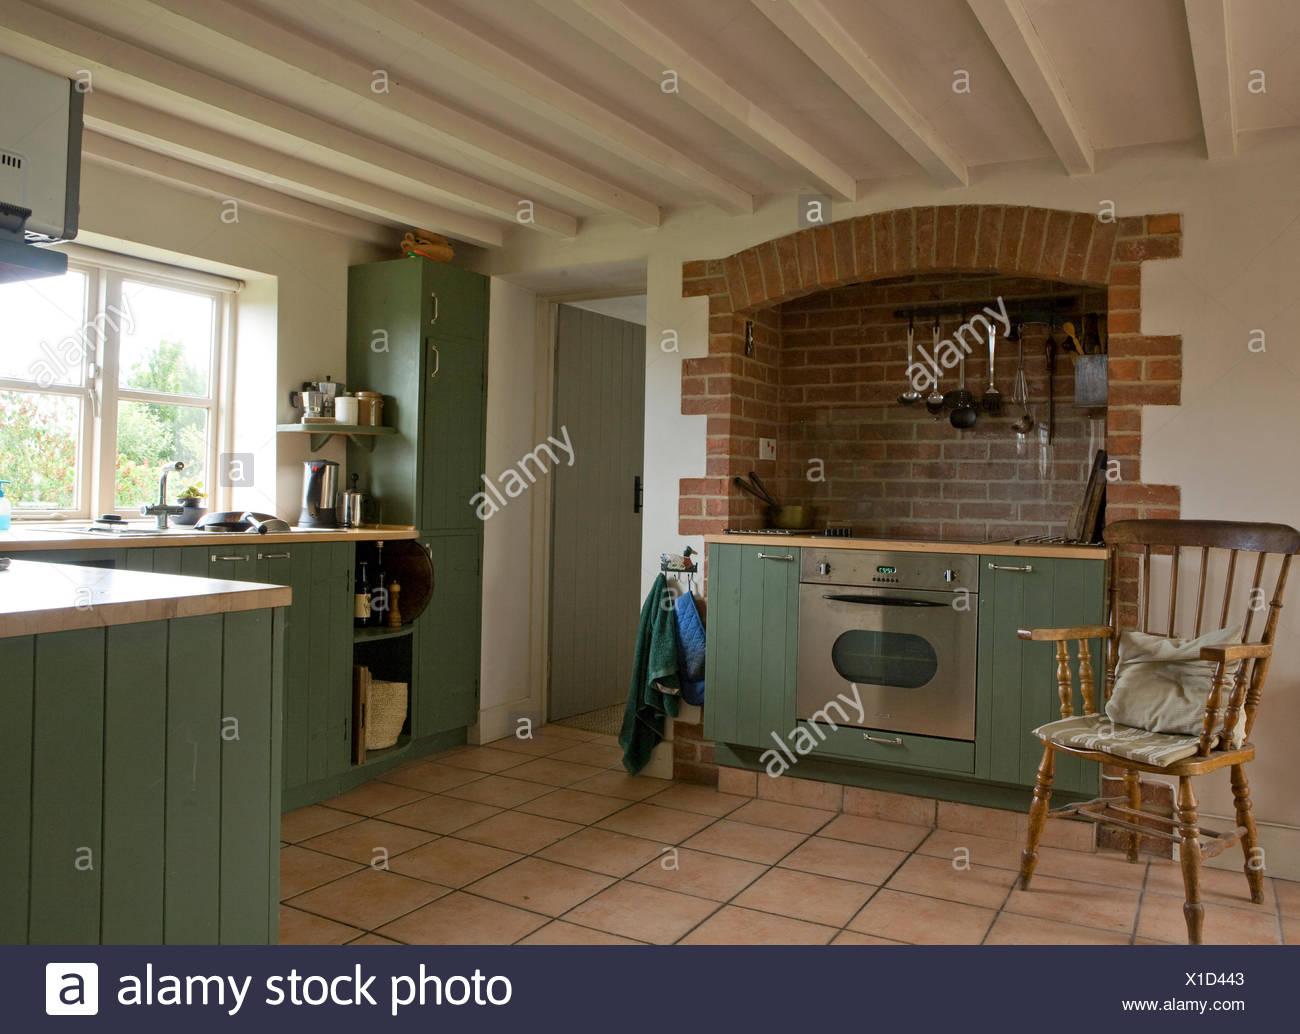 Kitchen Pastel Pastels Imágenes De Stock & Kitchen Pastel Pastels ...